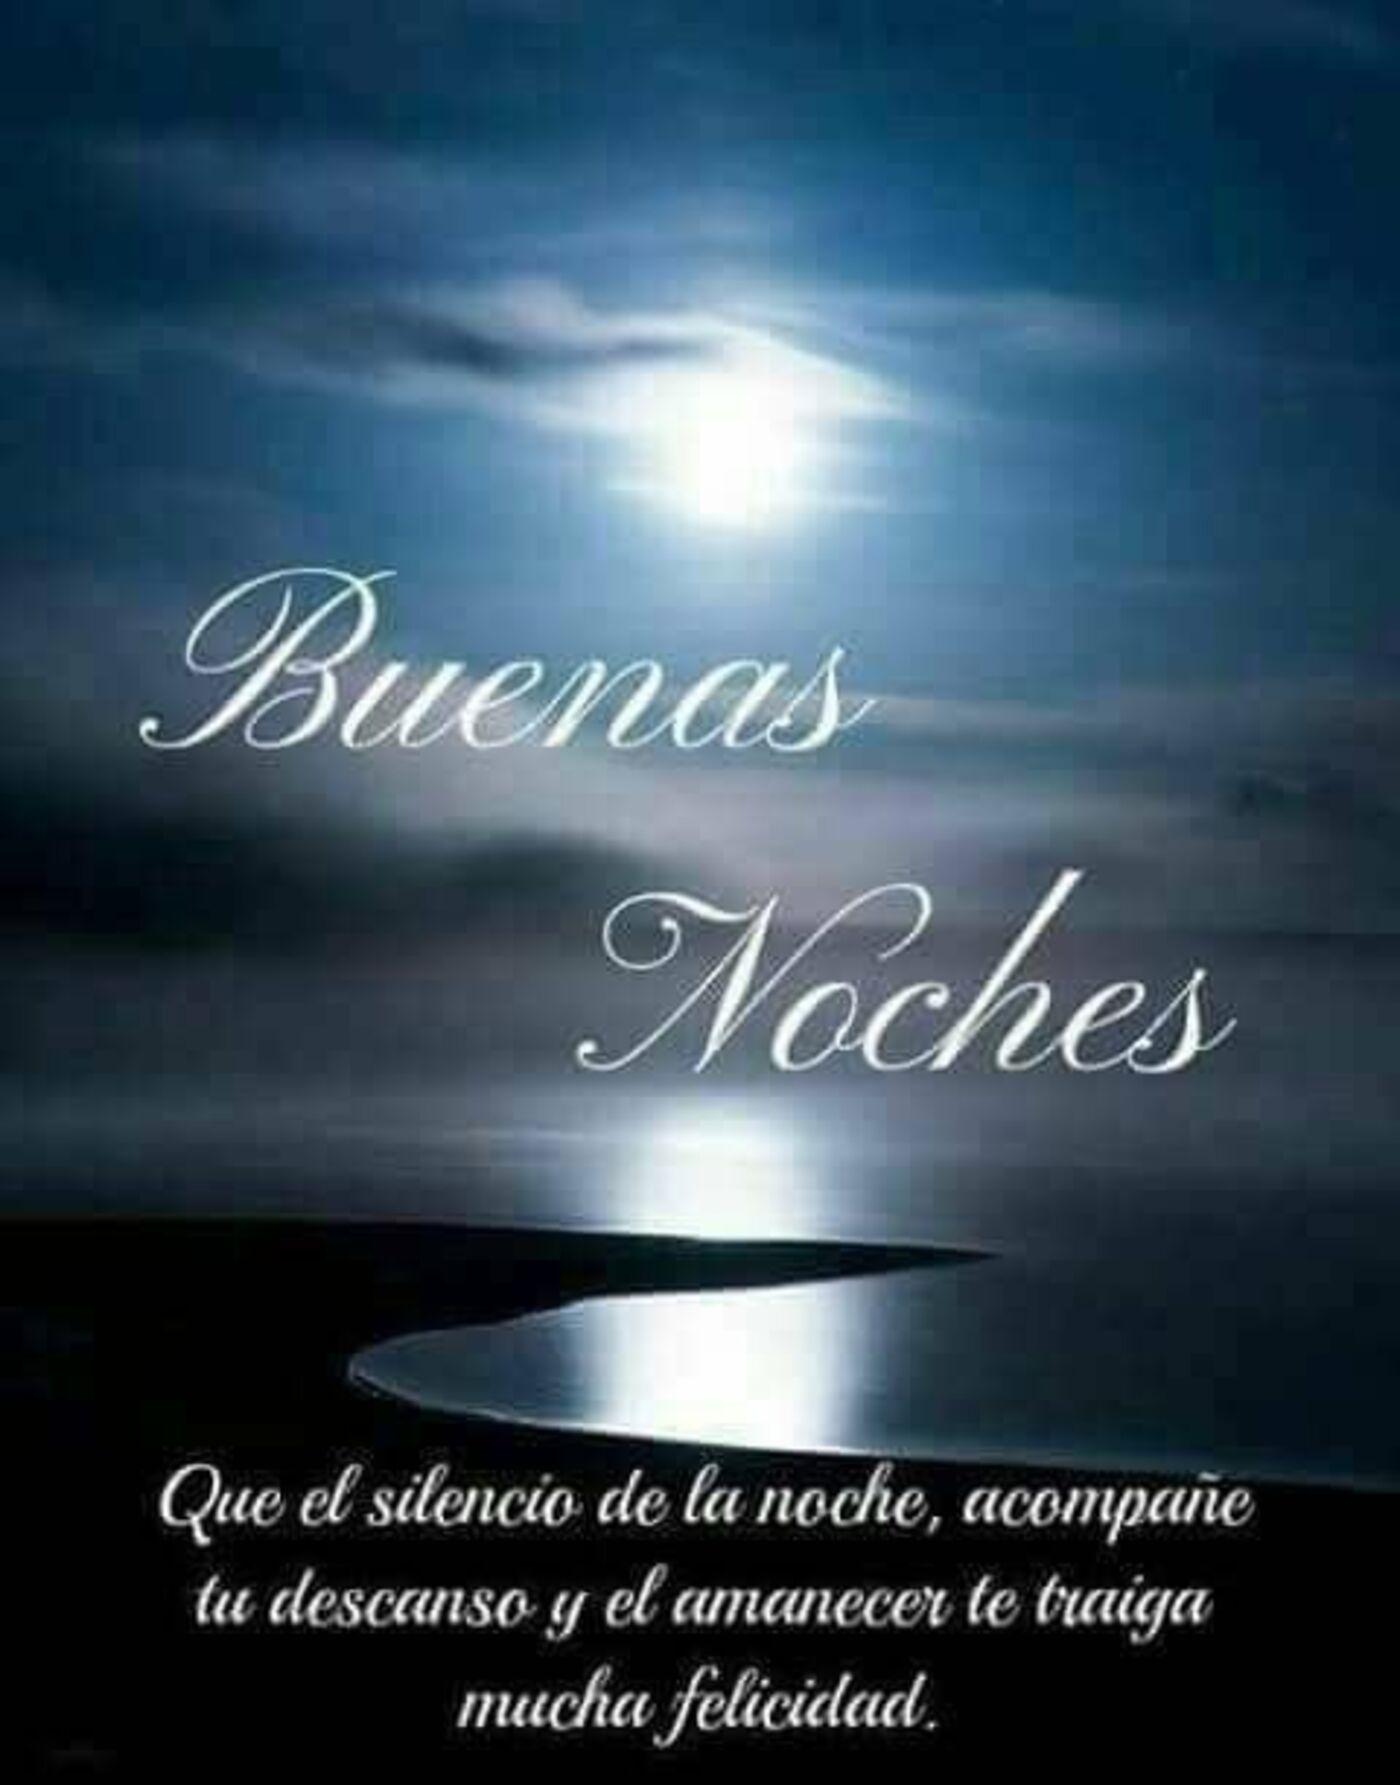 Buenas noches que el silencio de la noche, acompañe tu descanso y el amanecer te traiga mucha felicidad